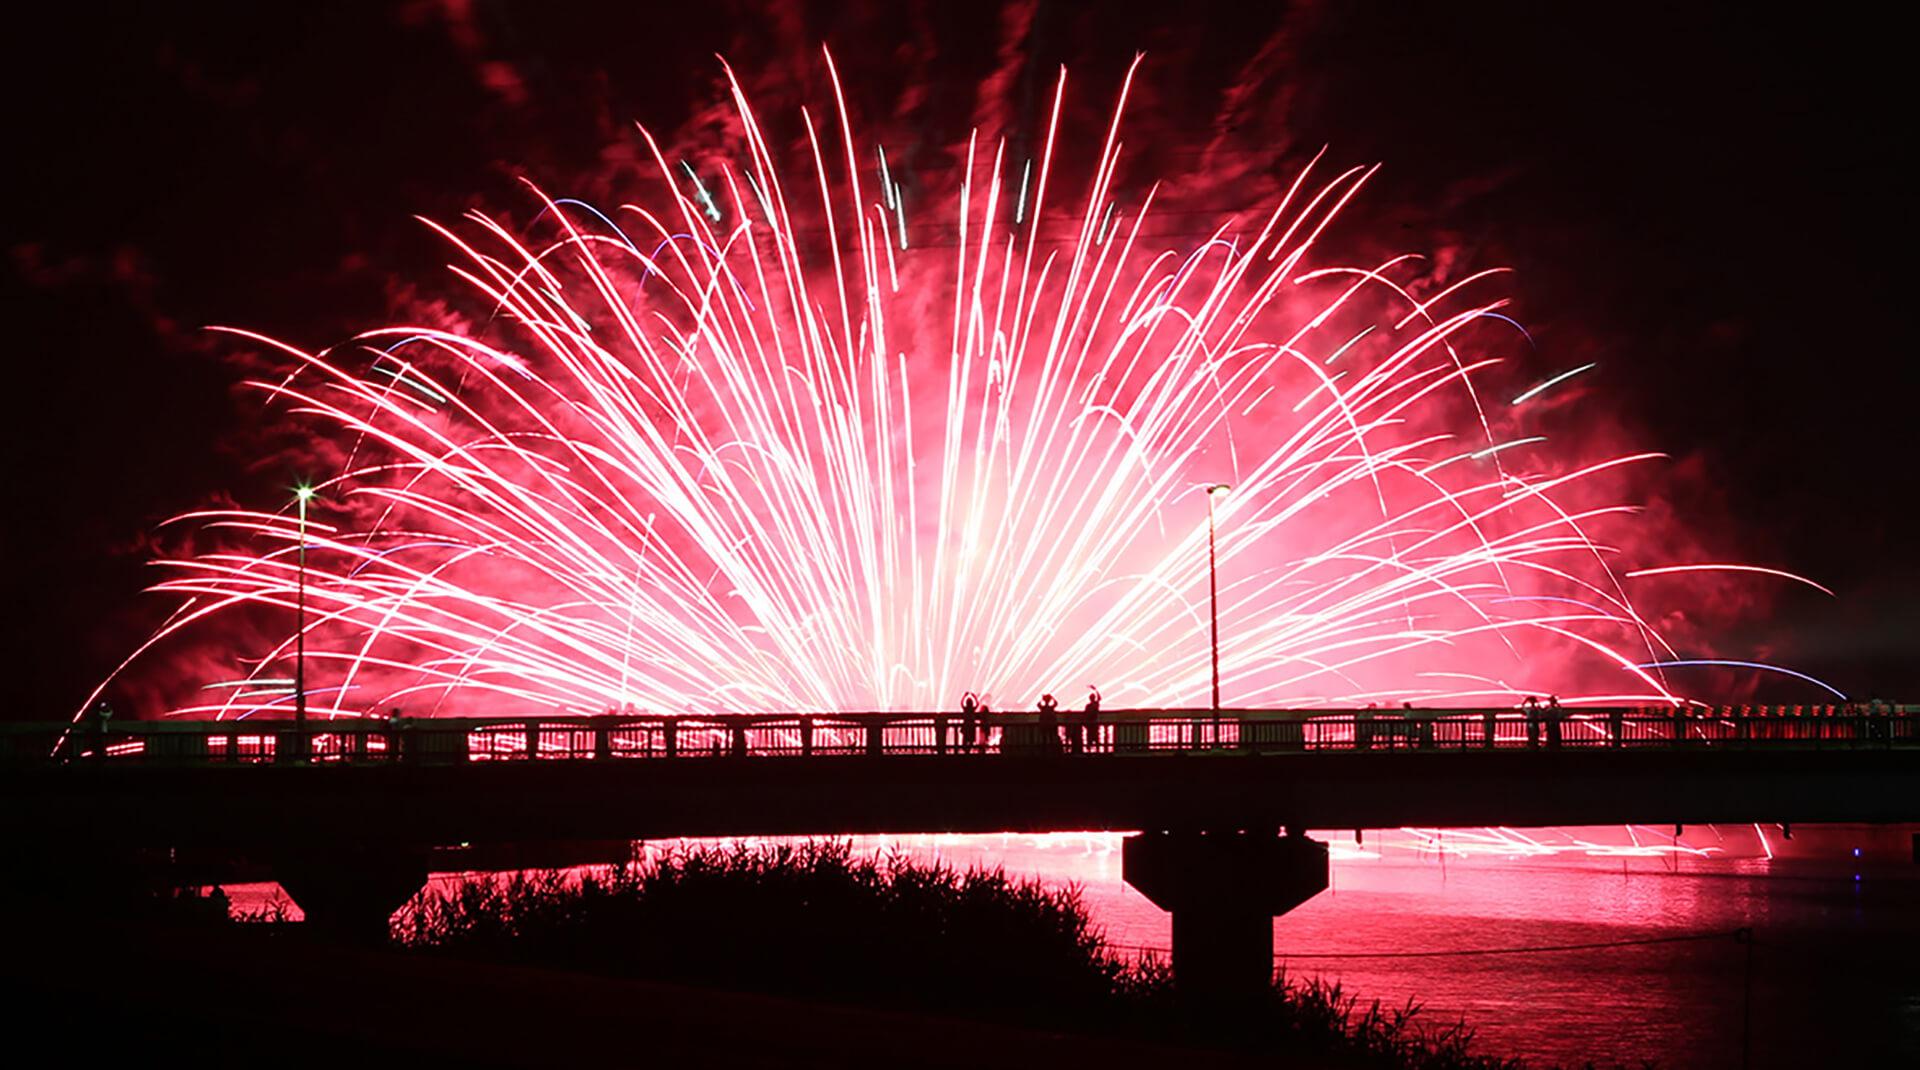 この写真は、佐倉花火フェスタ2019の水面に花火の彩りを楽しめる水上花火の様子